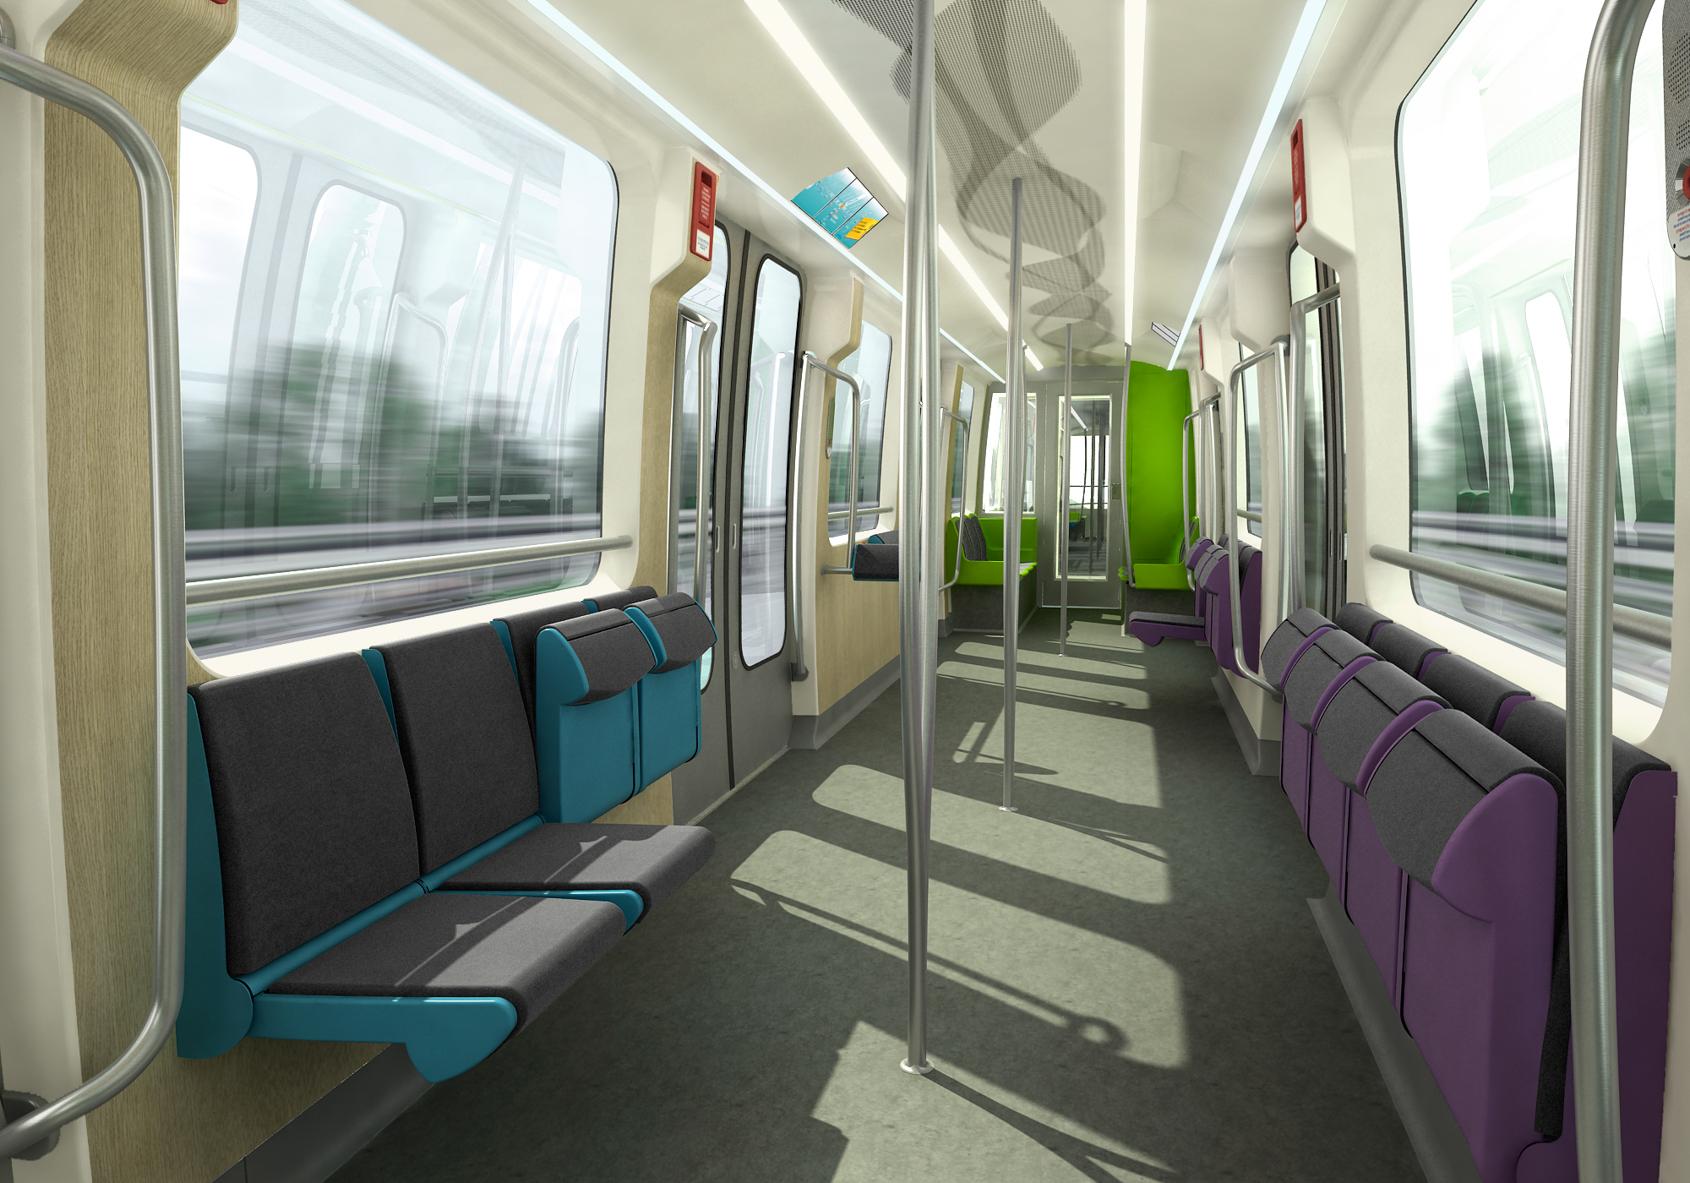 3-Dripmoon-archvis-graphiste3D-design-produits-images-3D-metro-rennes